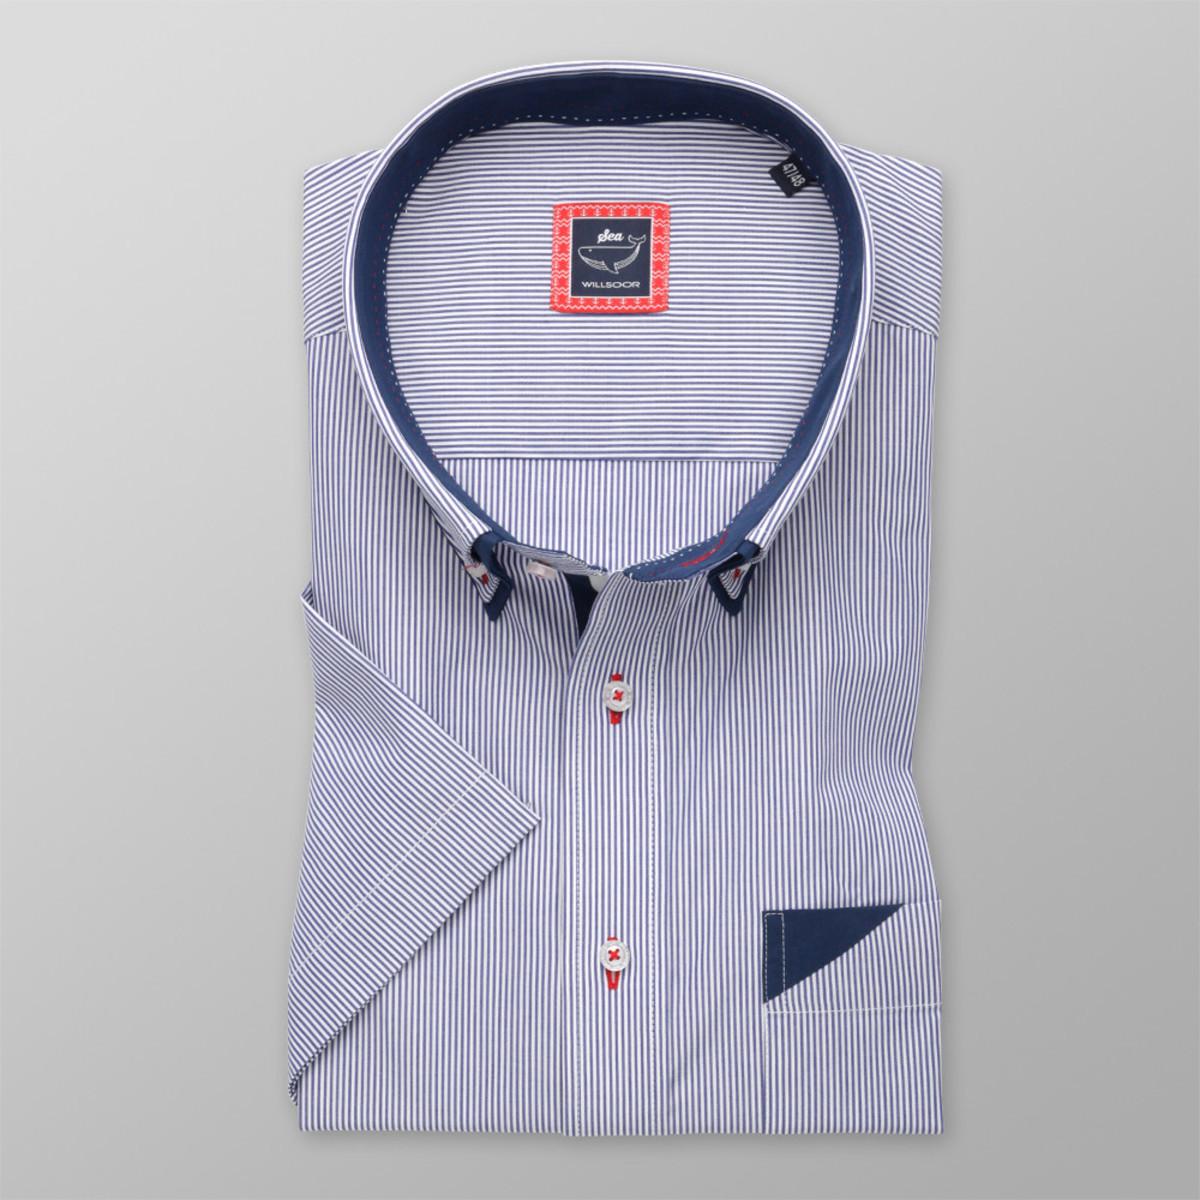 Košeľa klasická modro-biely pruhovaný vzor (výška 176 - 182) 10733 176-182 / 51/52